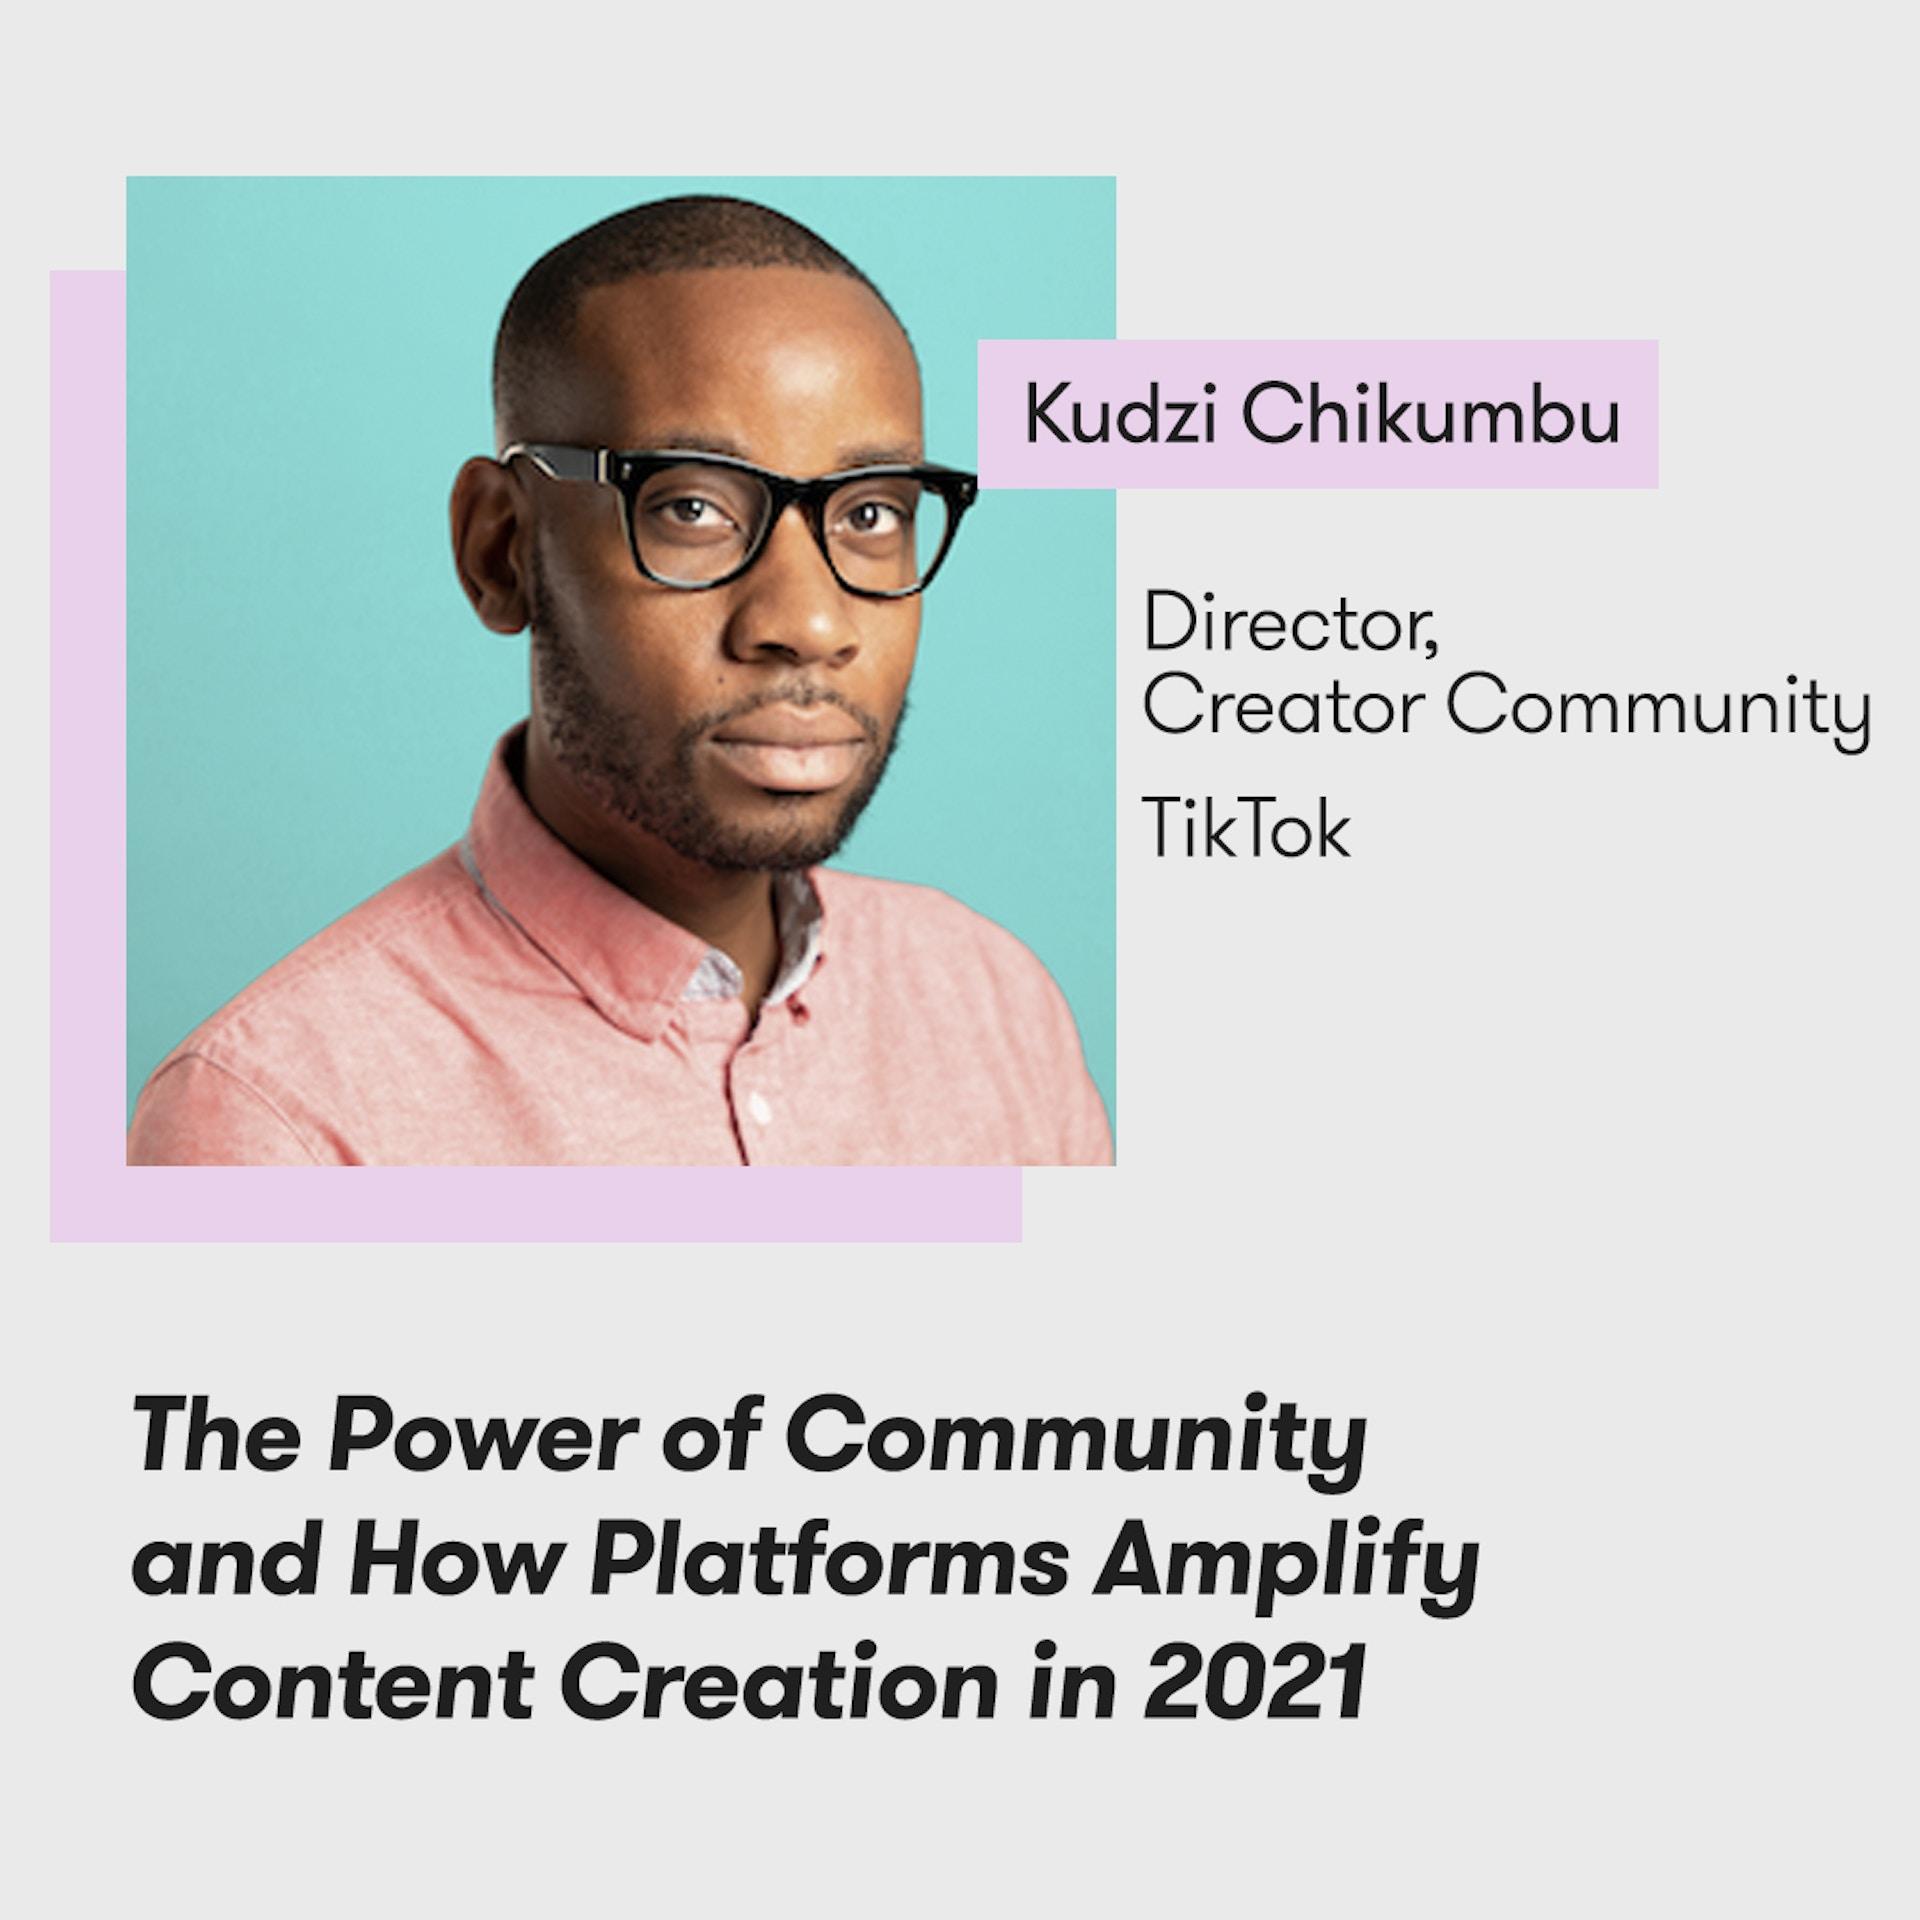 Meltwater Digital Summit - The Future of PR, Marketing and Tech - Kudzi Chikumbu, TikTok